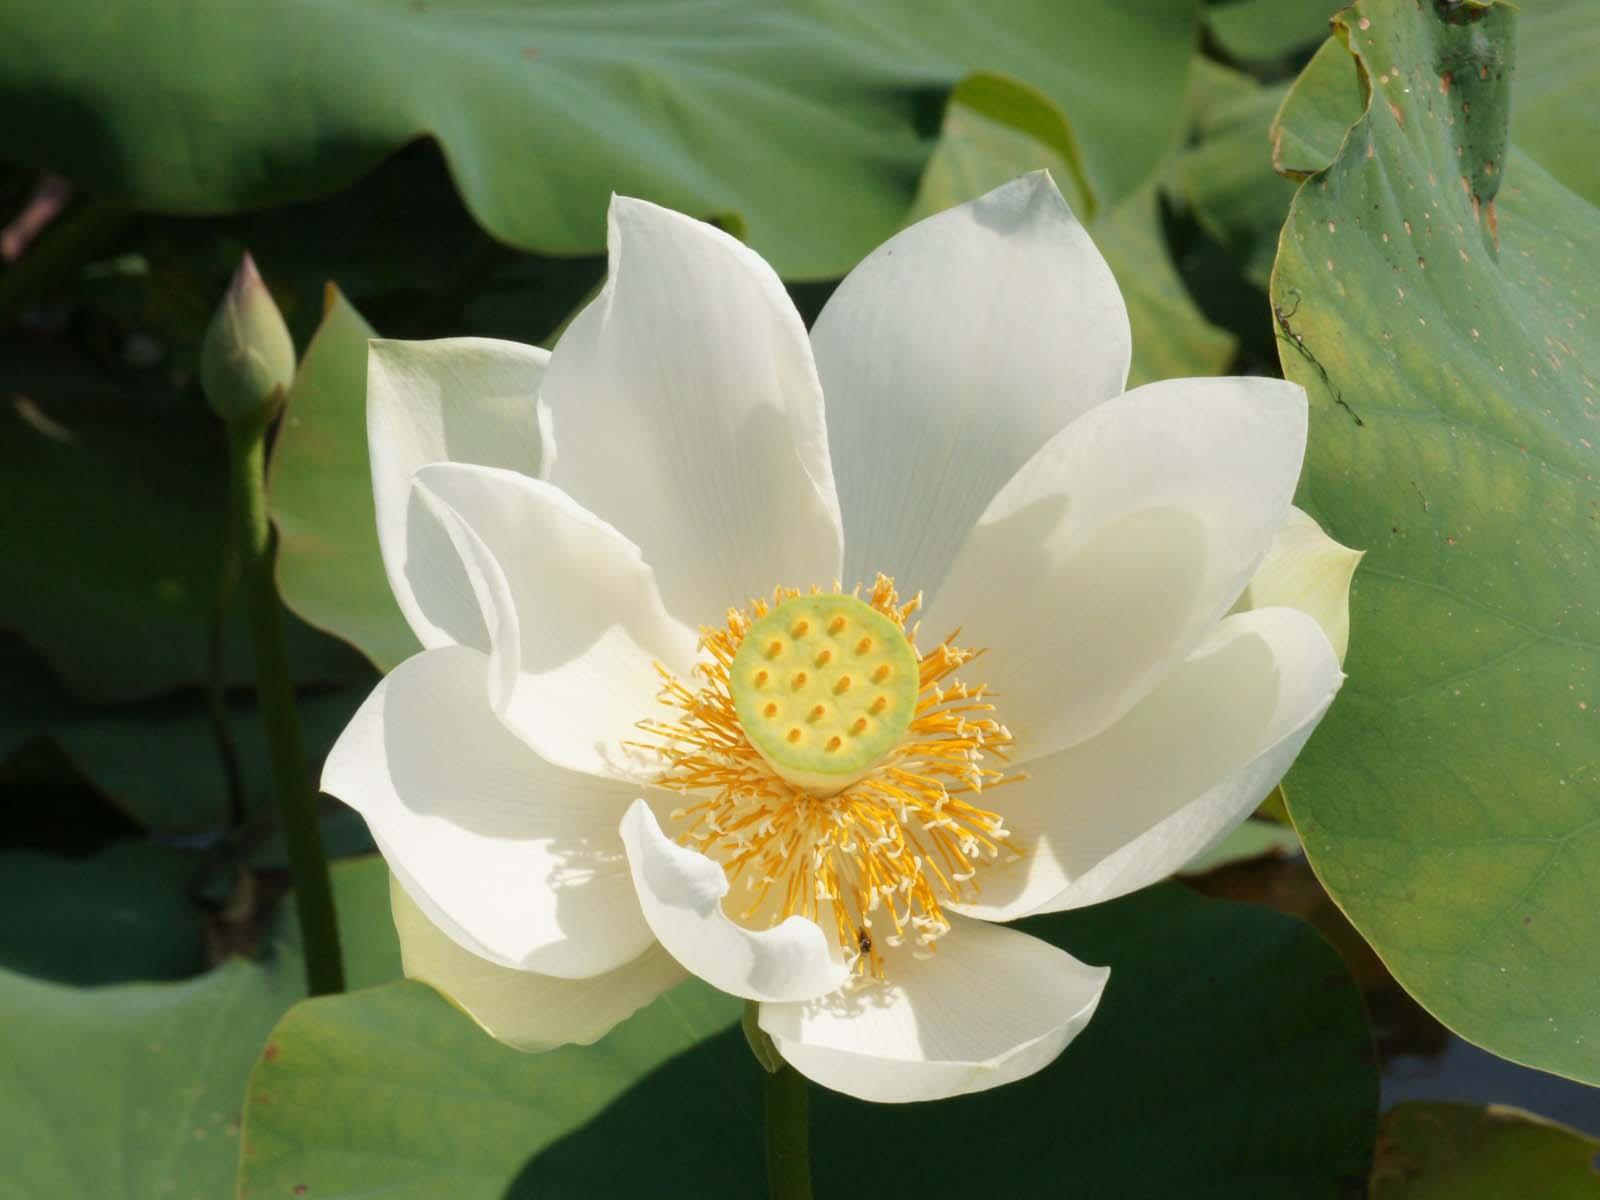 Ảnh hoa sen trắng đẹp